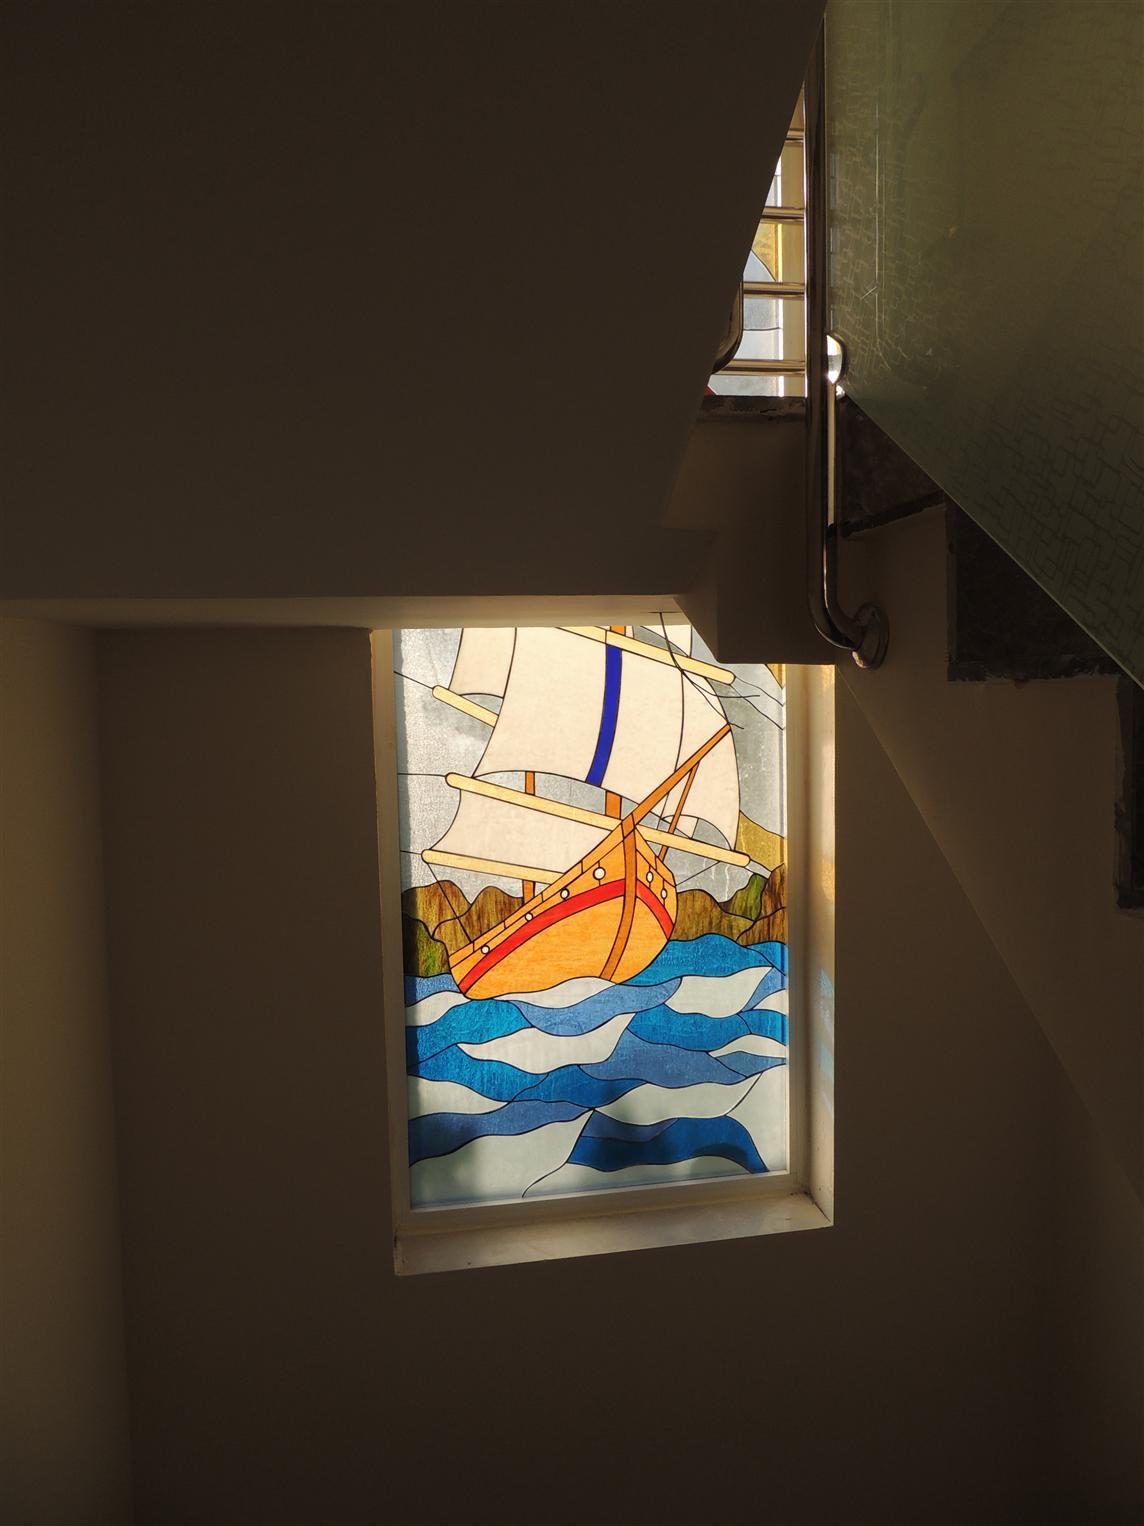 izka-insaat-life-port-evleri2015921165025368.jpg izmir vitray çalışması